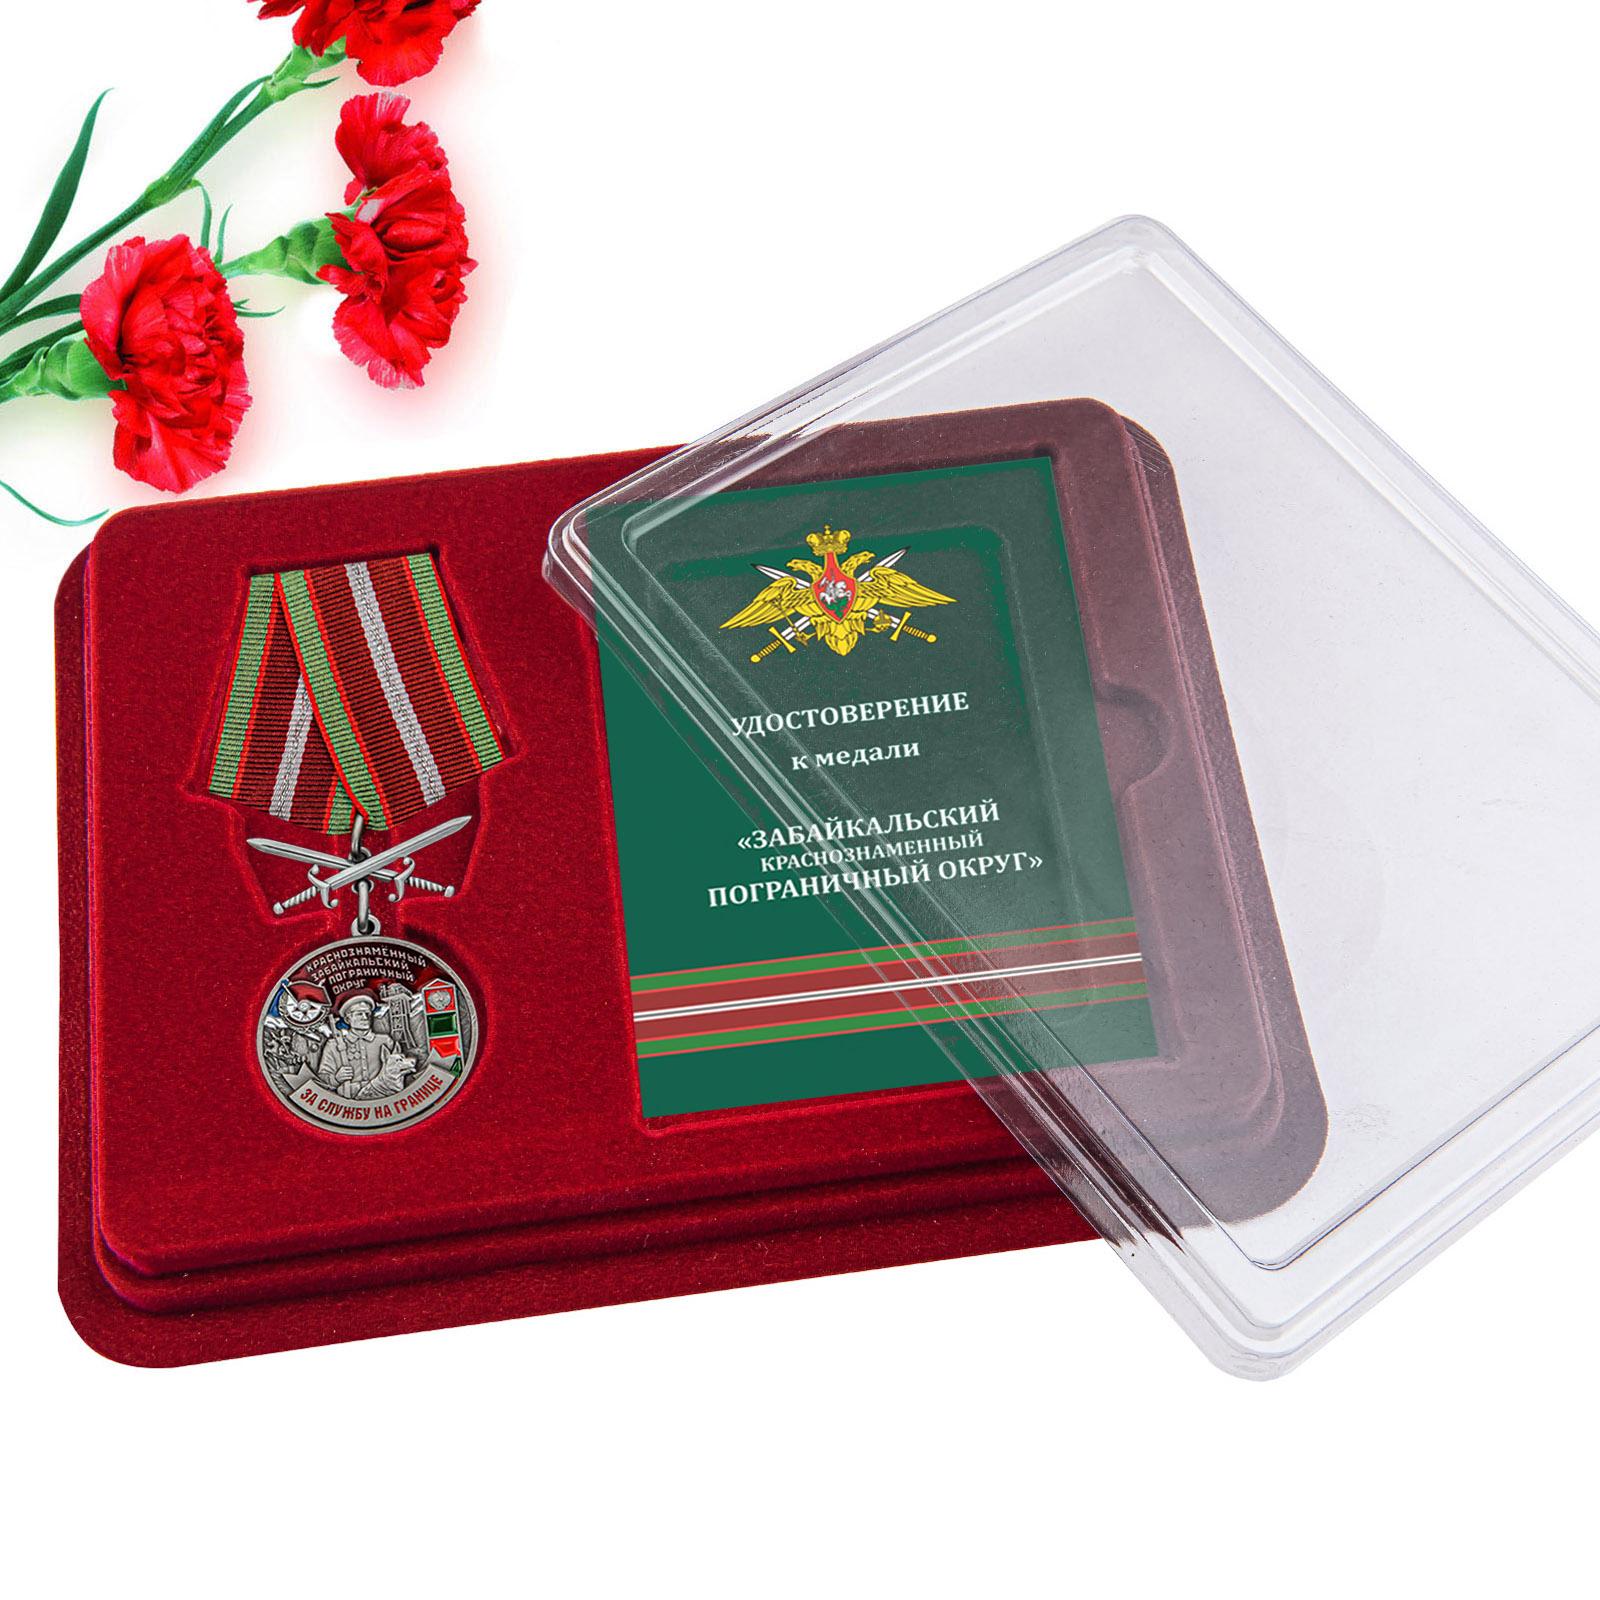 Купить медаль За службу в Забайкальском пограничном округе с доставкой